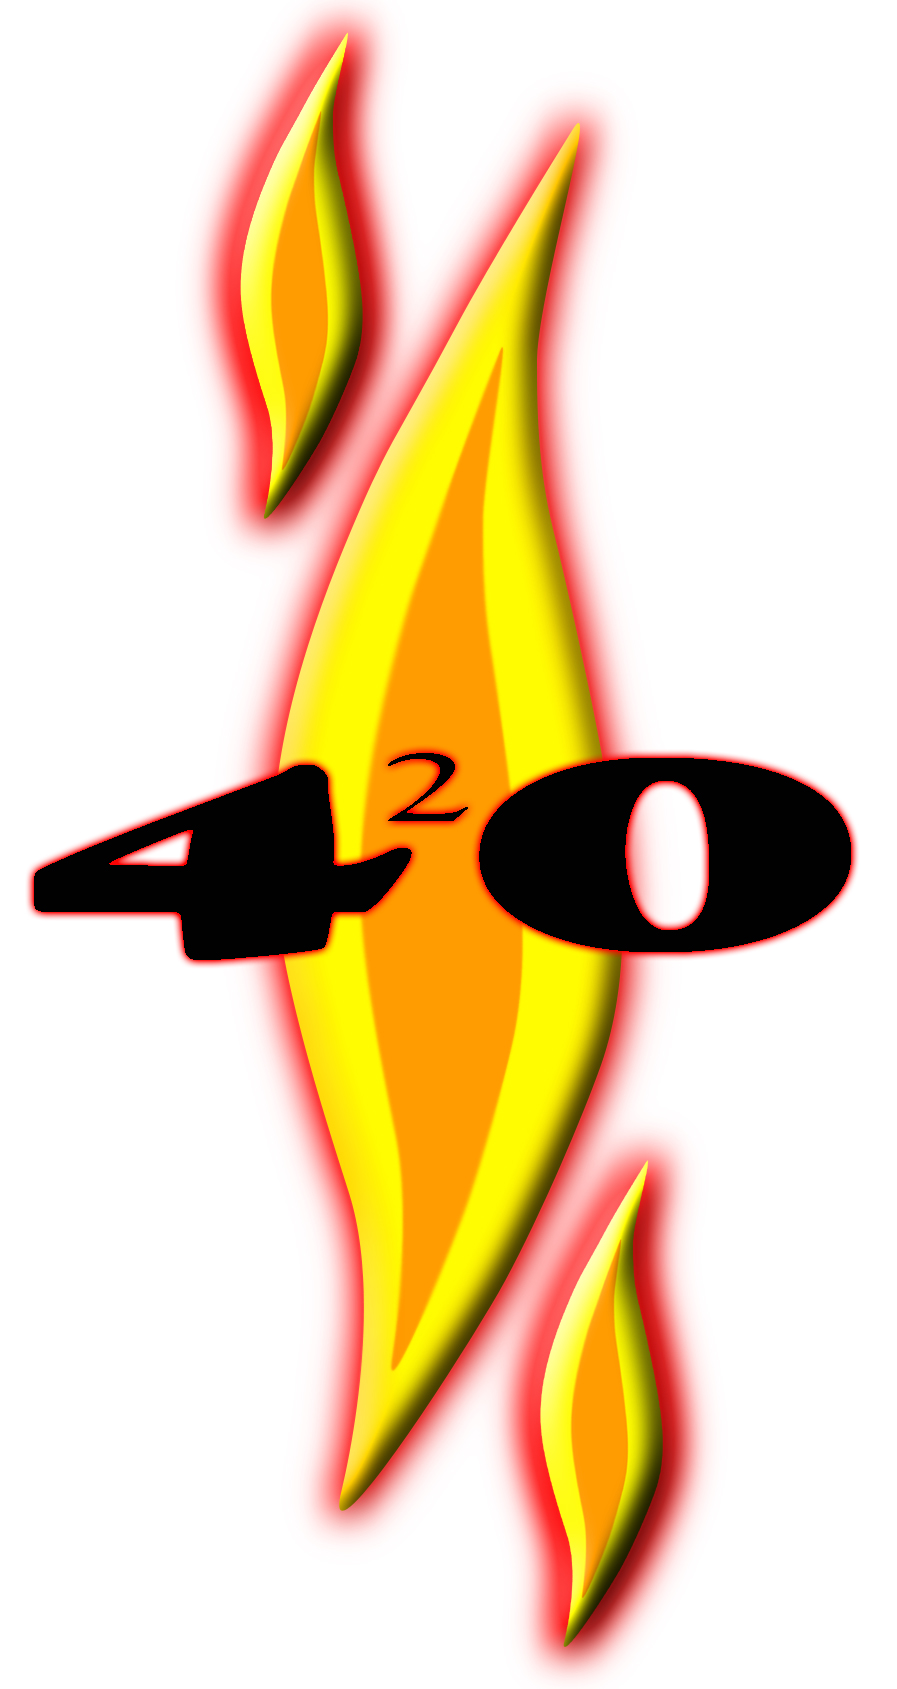 420 Logo 010 by thatdomguy on DeviantArt